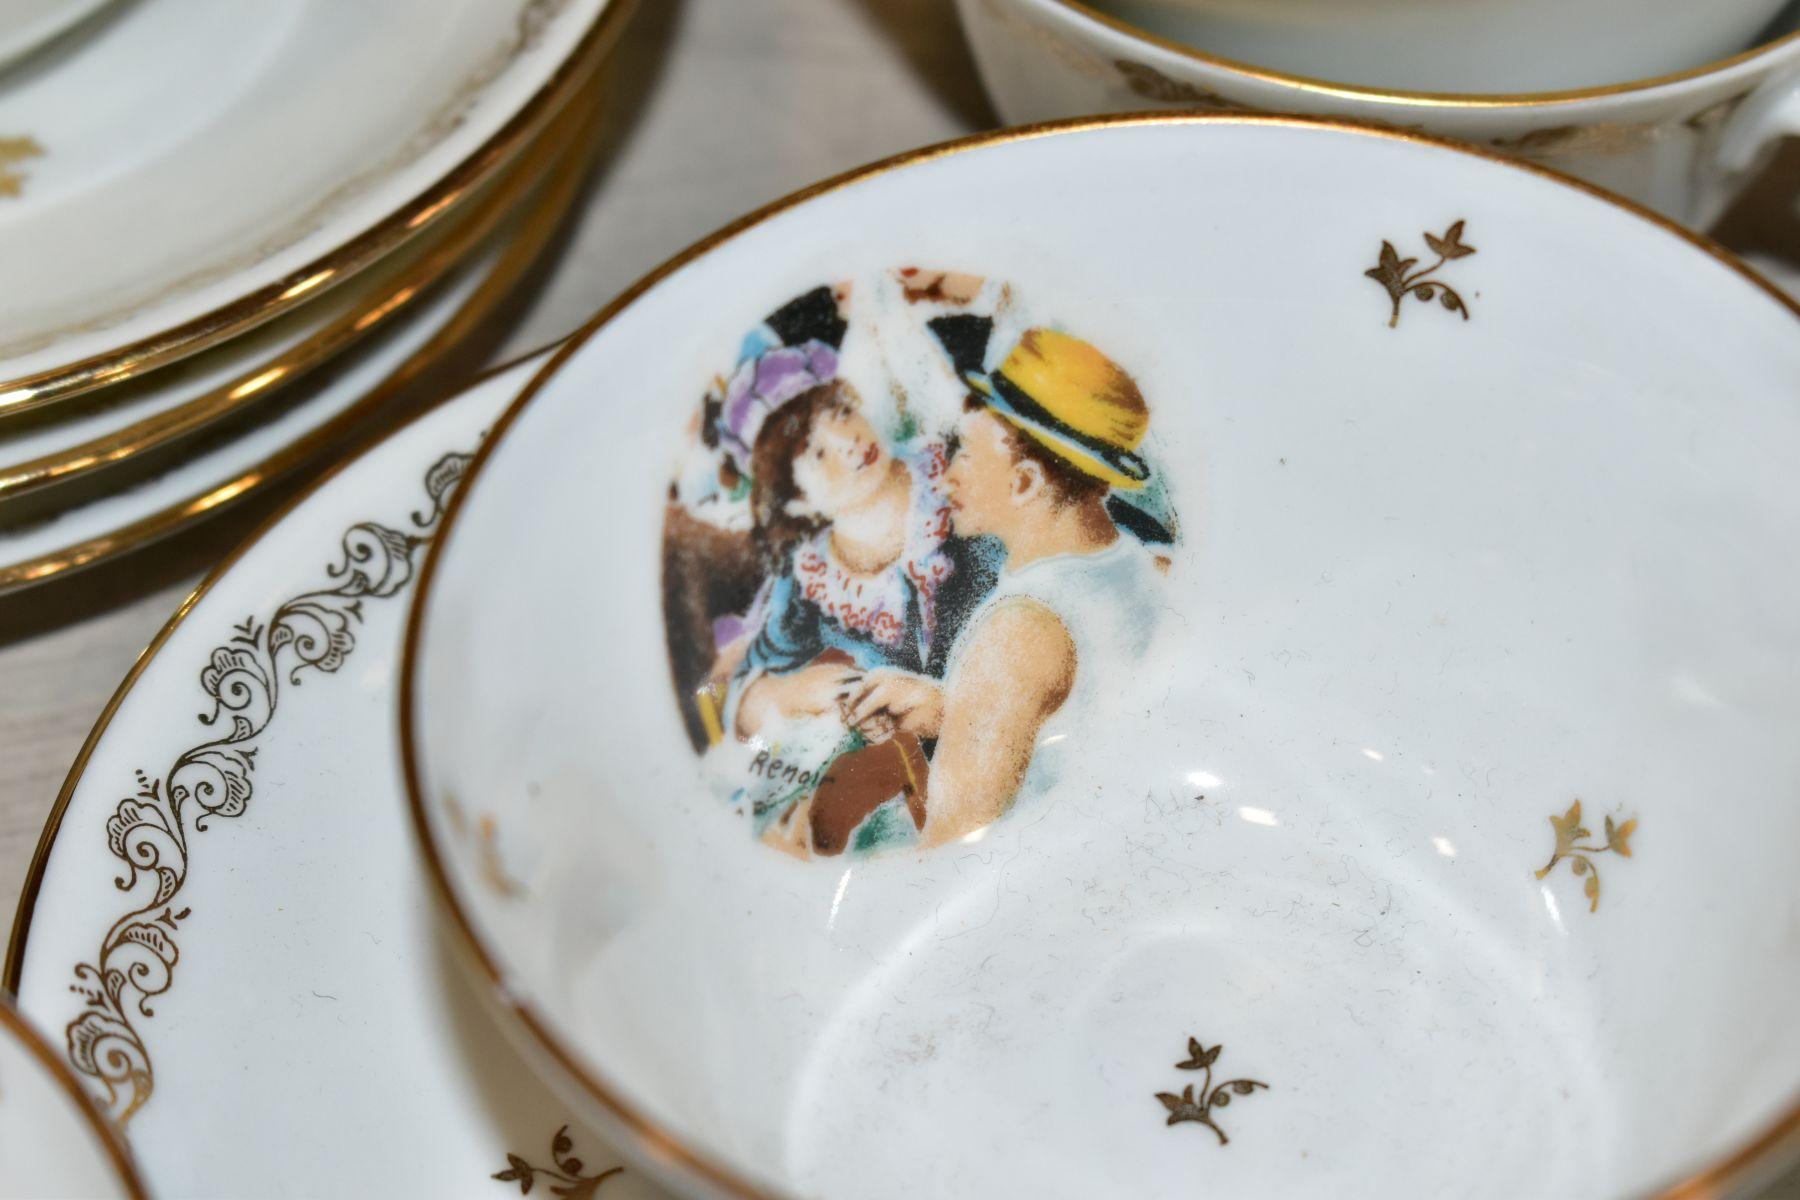 A LIMOGES 'RENOIR' DINNER SERVICE, marked to the base 'Veritable Porcelaine de Limoges Decor Reserve - Image 6 of 9